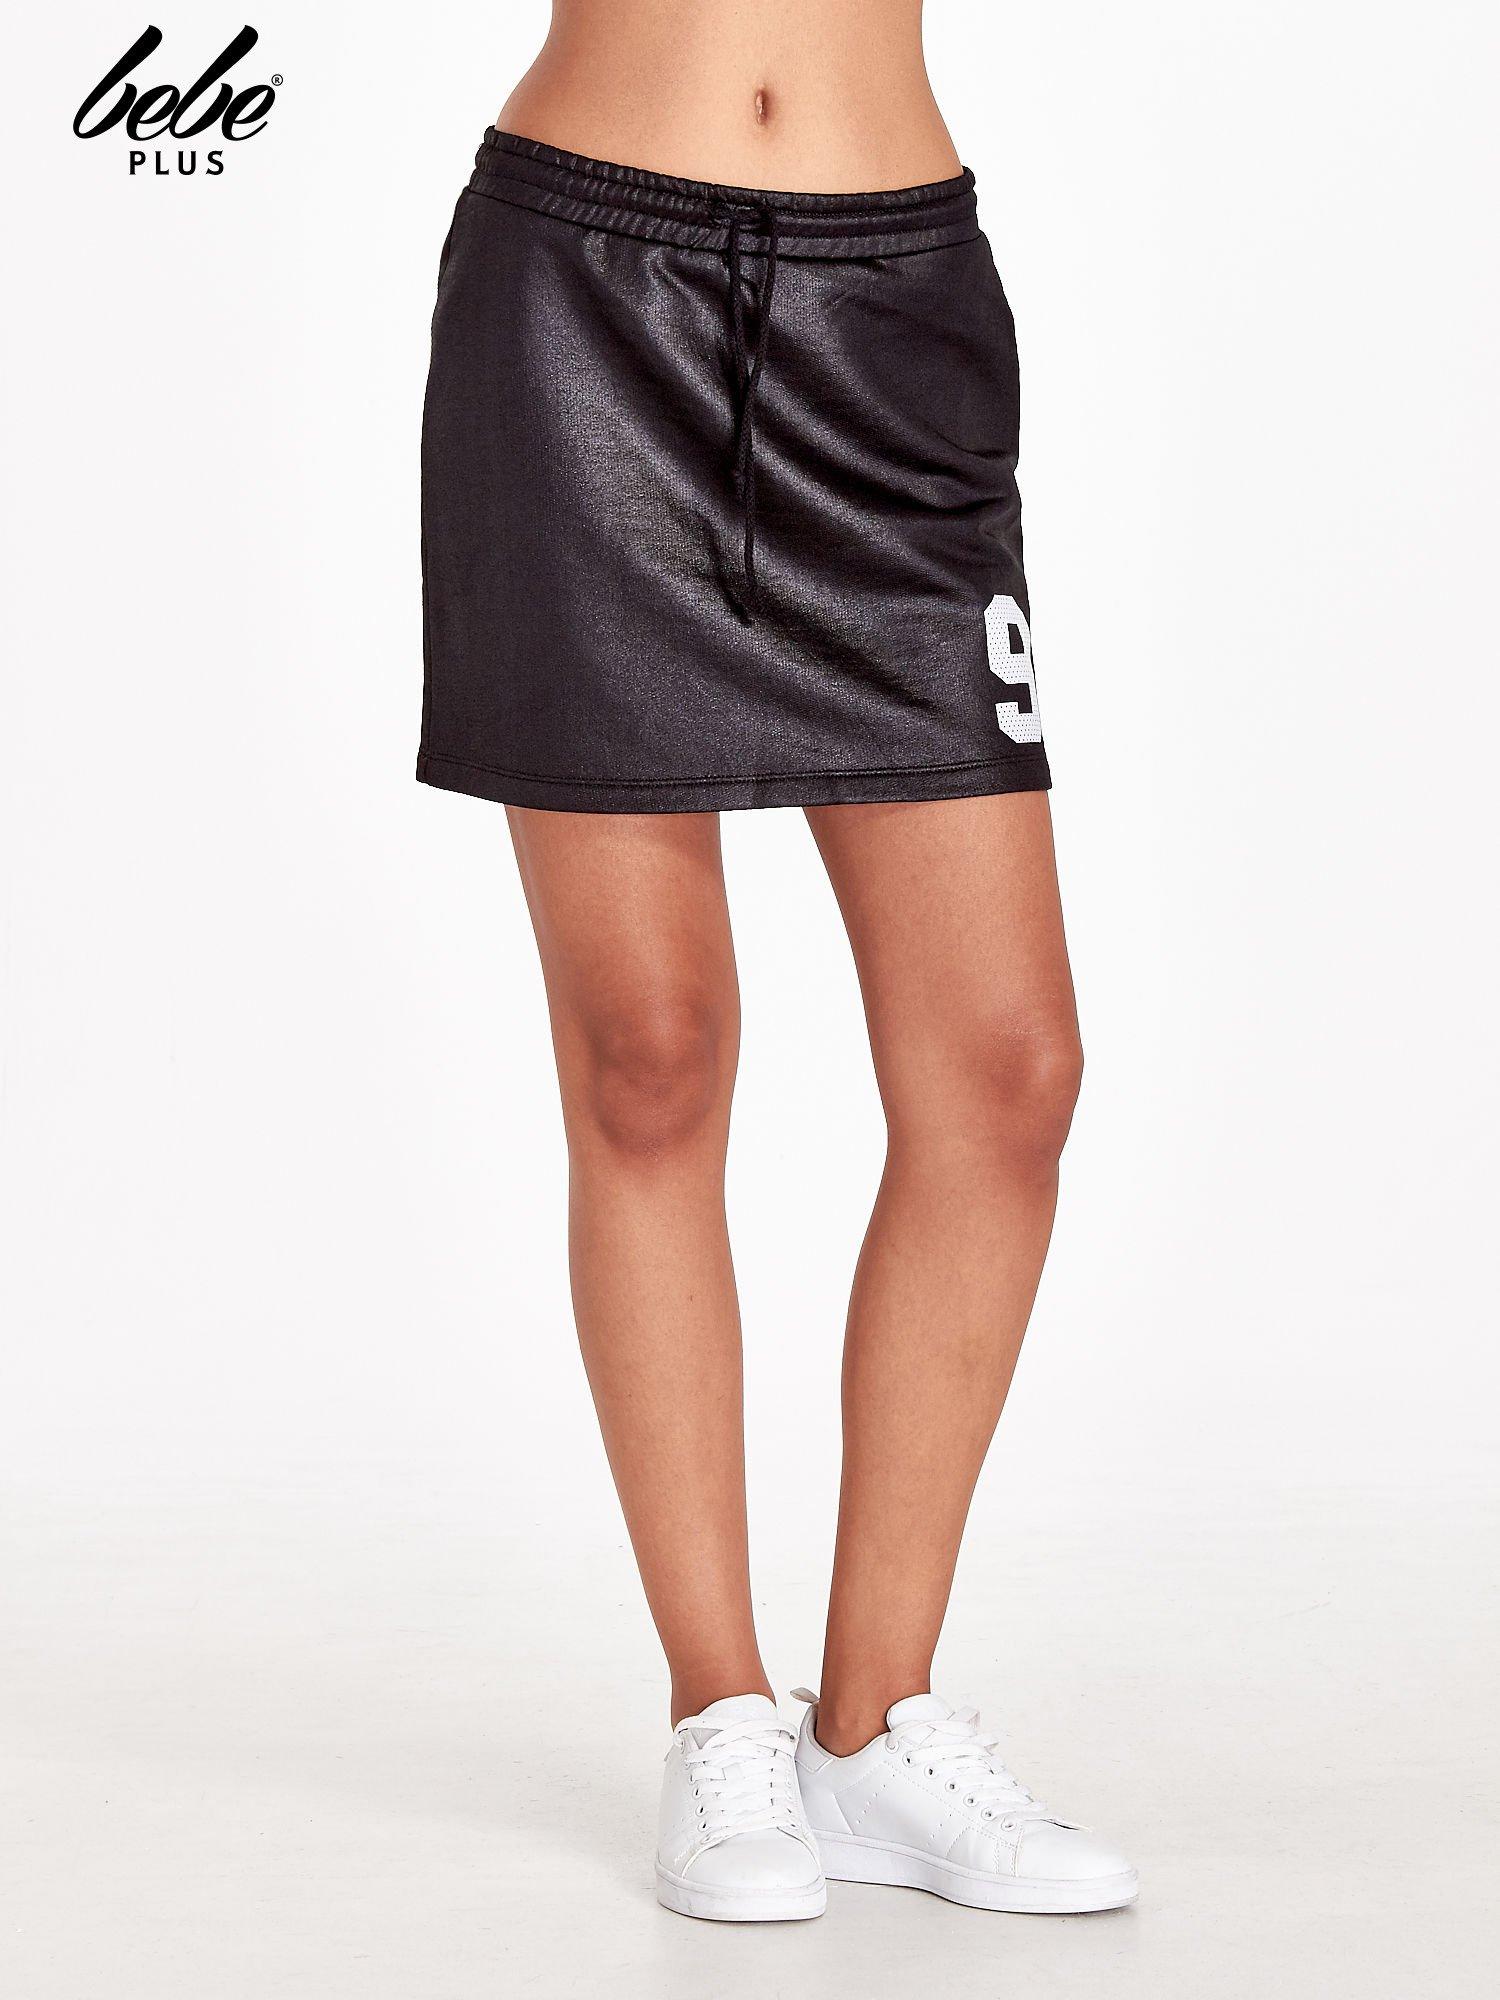 Czarna spódnica w stylu baseballowym                                  zdj.                                  1